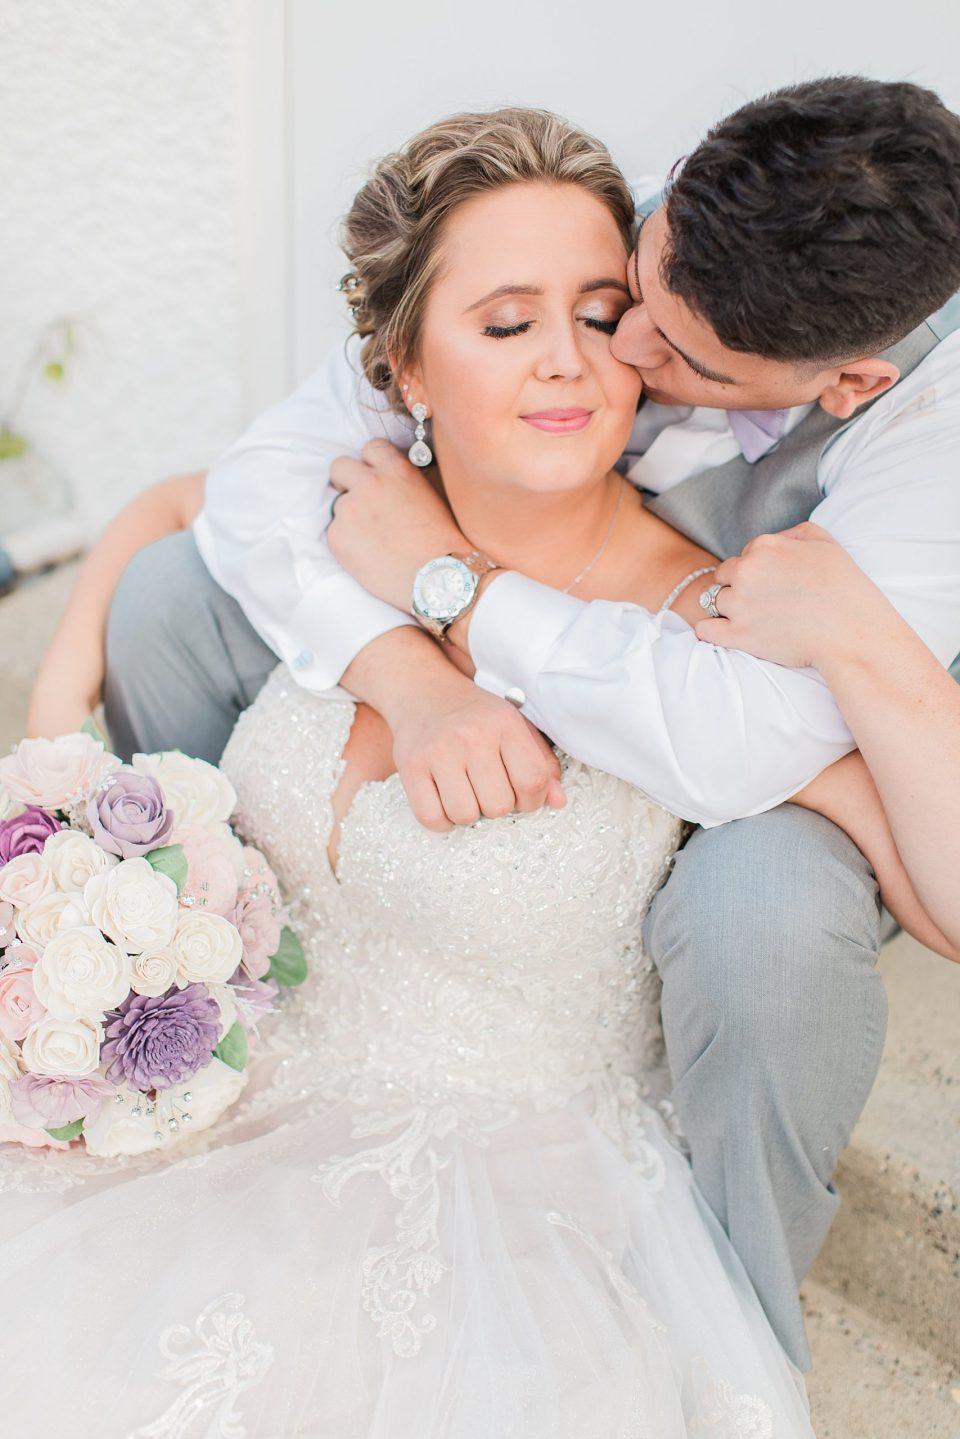 Minneapolis MN Wedding Photos by photographer Kirsten Shelton.